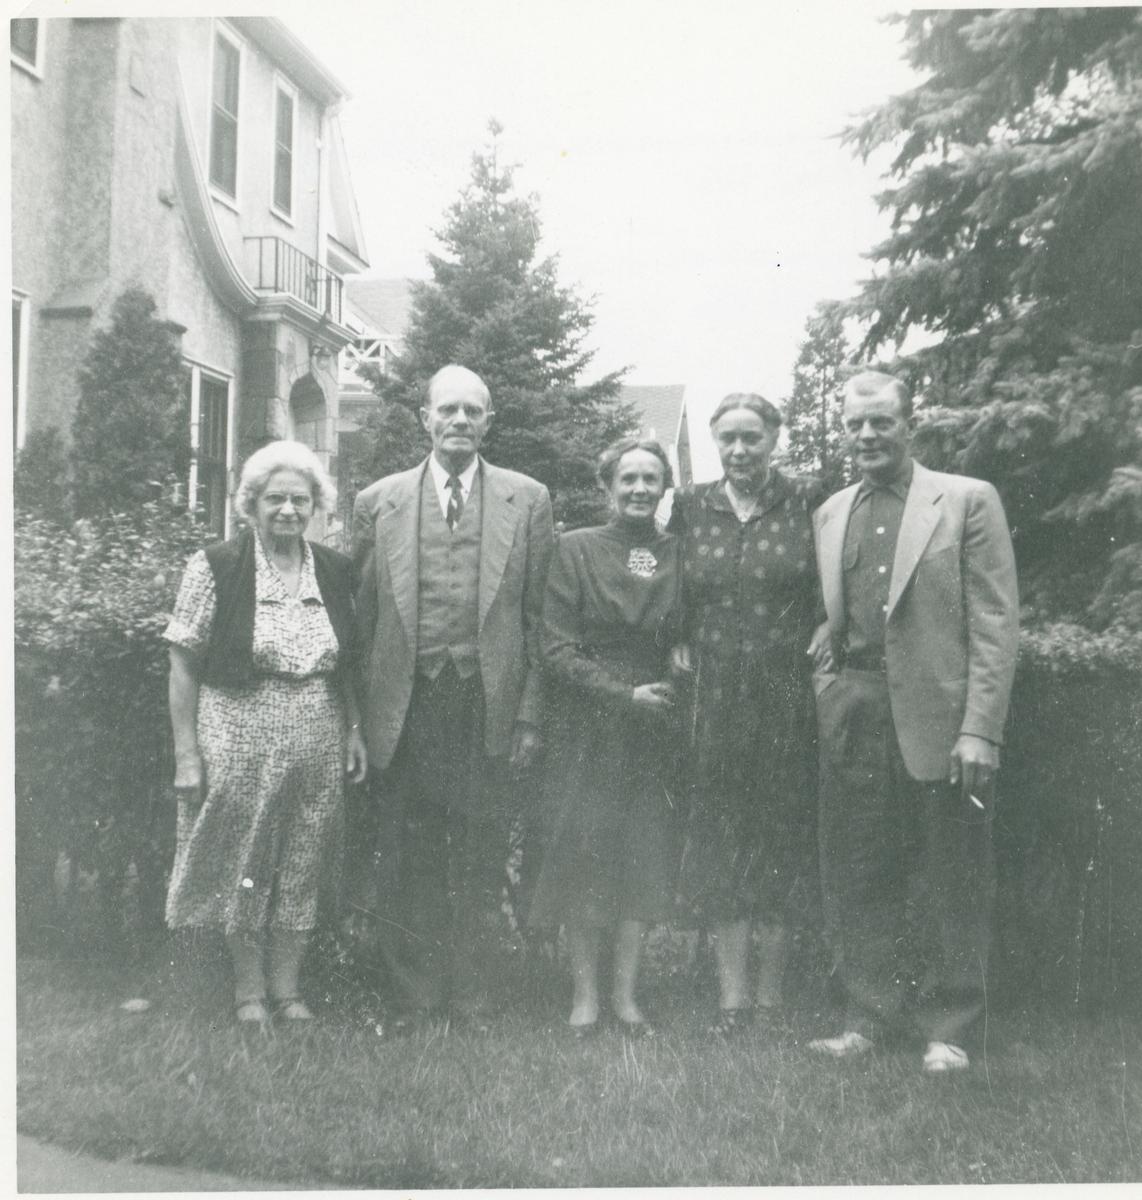 3 kvinner og 2 menn er avbildet utenfor et bolighus i Minneapolis, Amerika. Mannen lengst til høyre er Arnfinn Rosenlund (født i 1918)